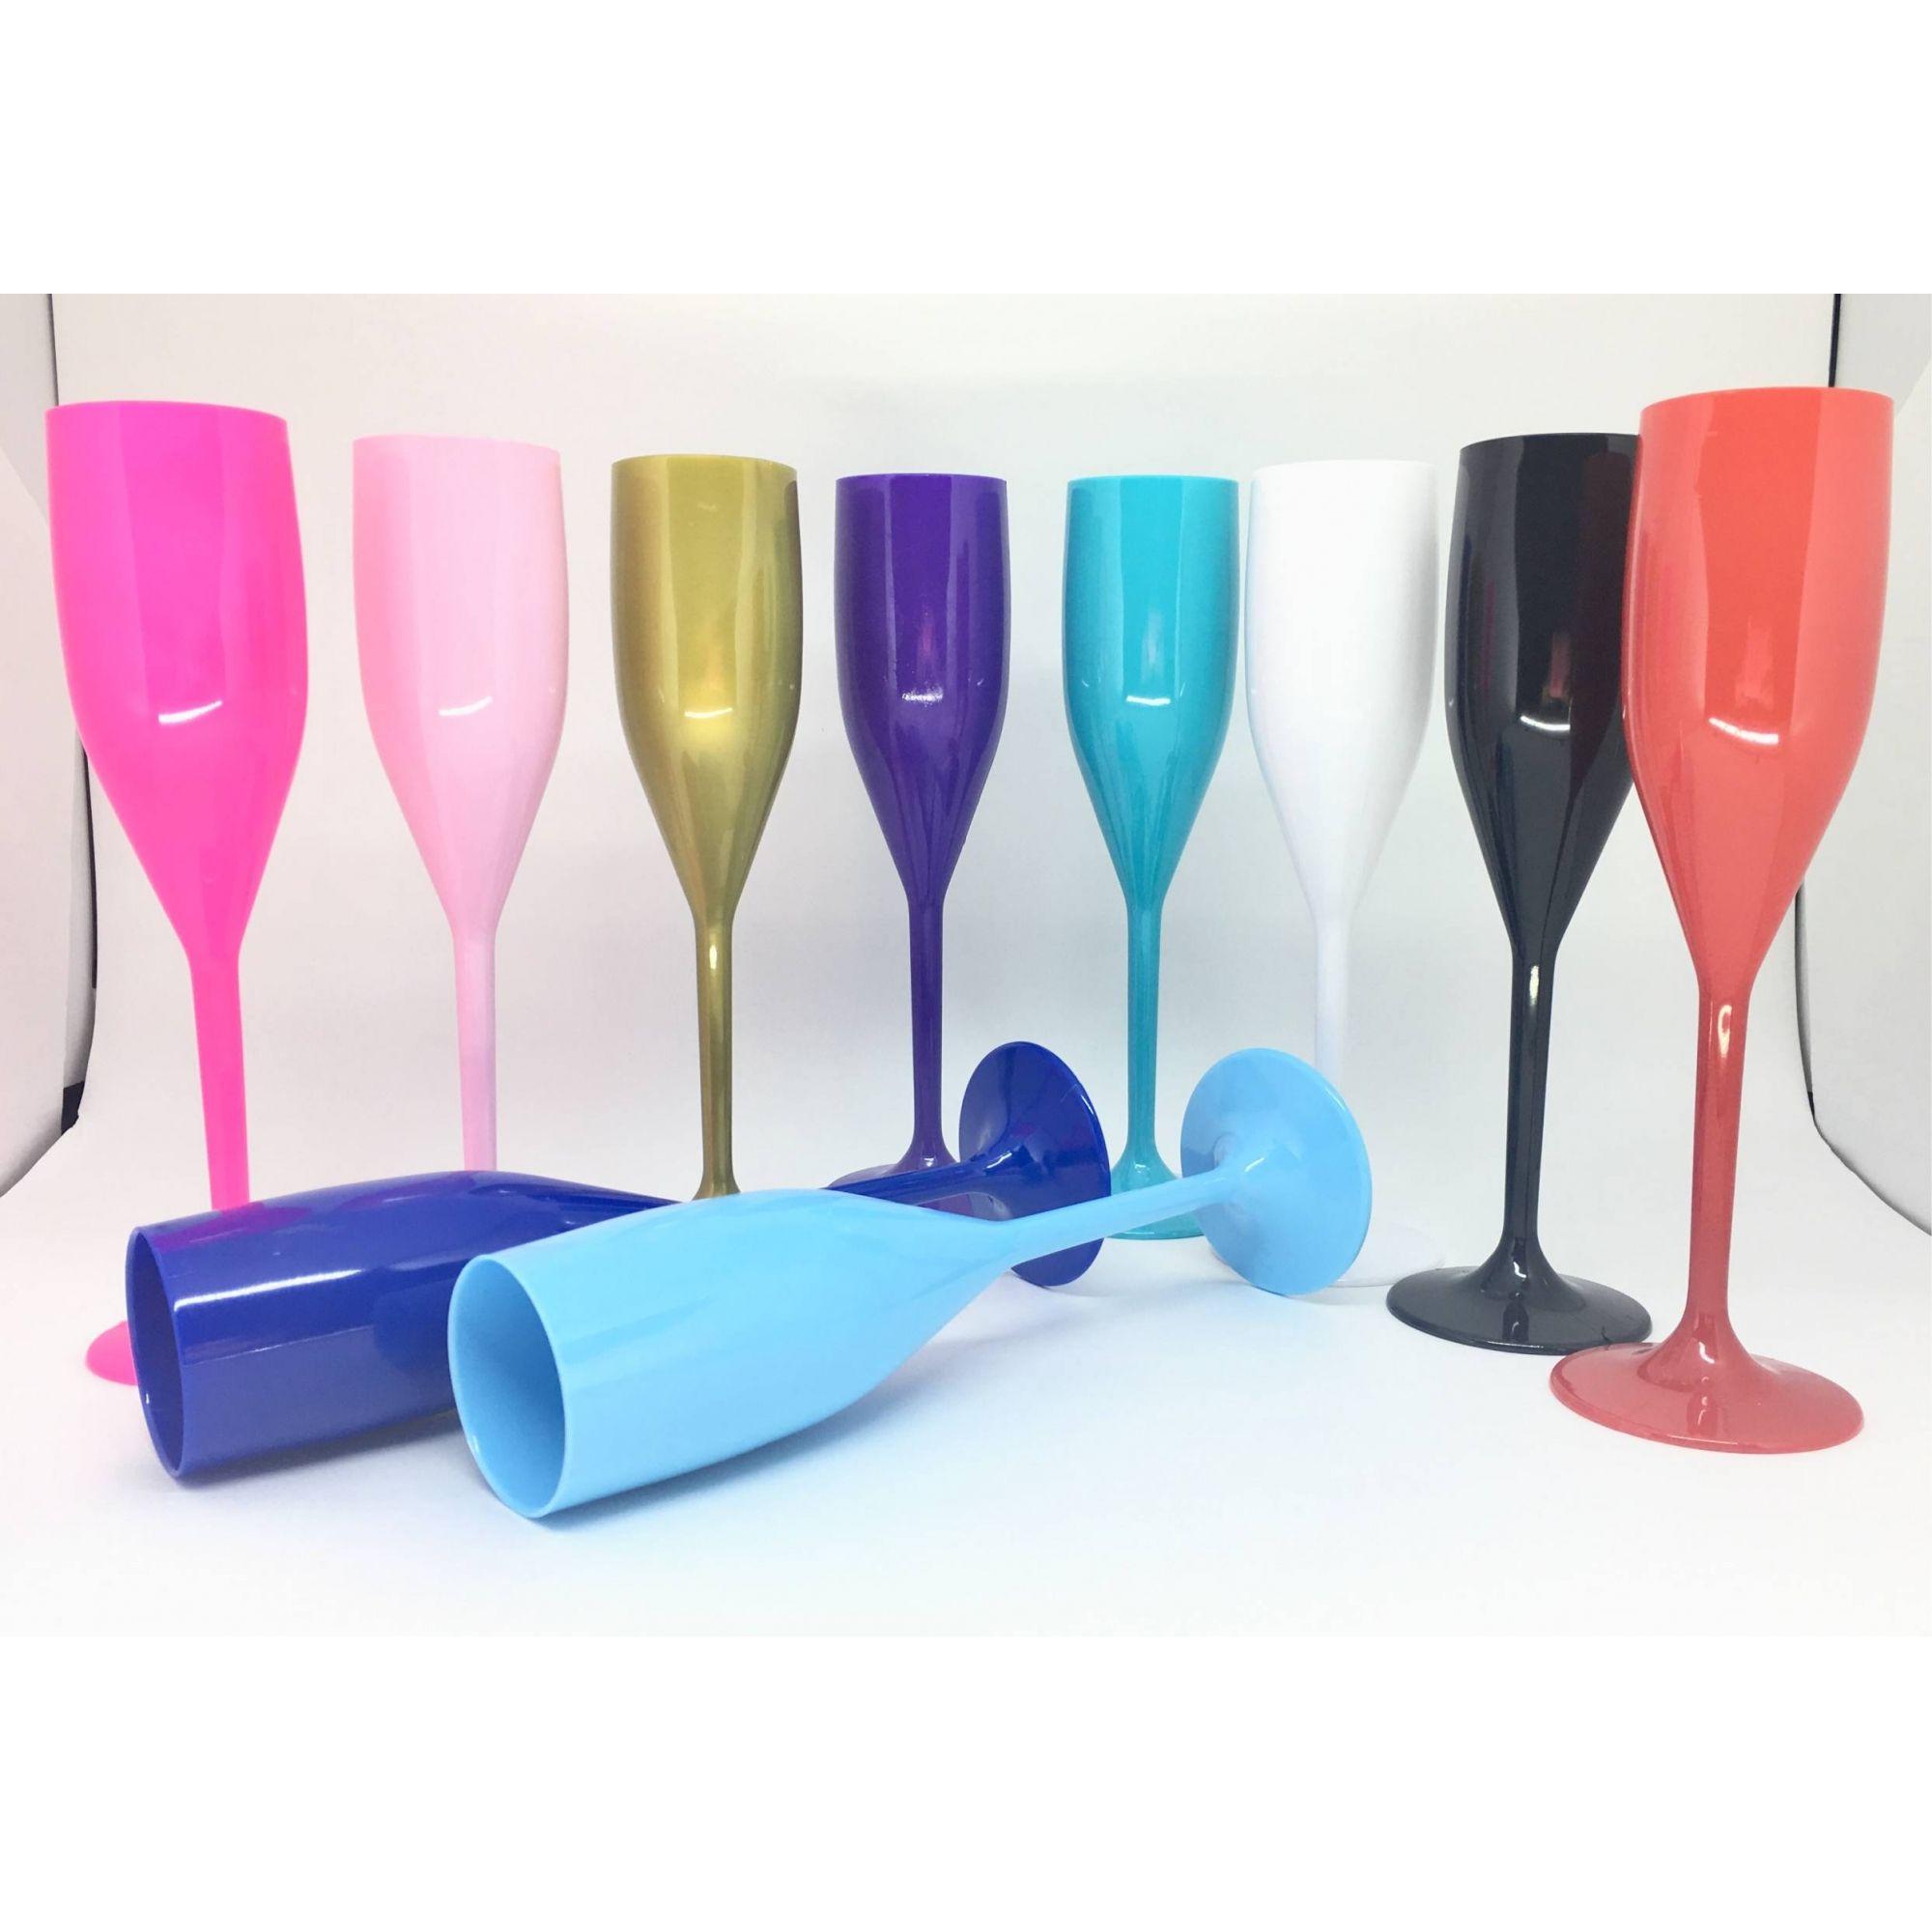 Taça de Champagne Acrílica - Kit 10 unidades  - Bolas Lassabia - Bolas e Brindes Personalizados